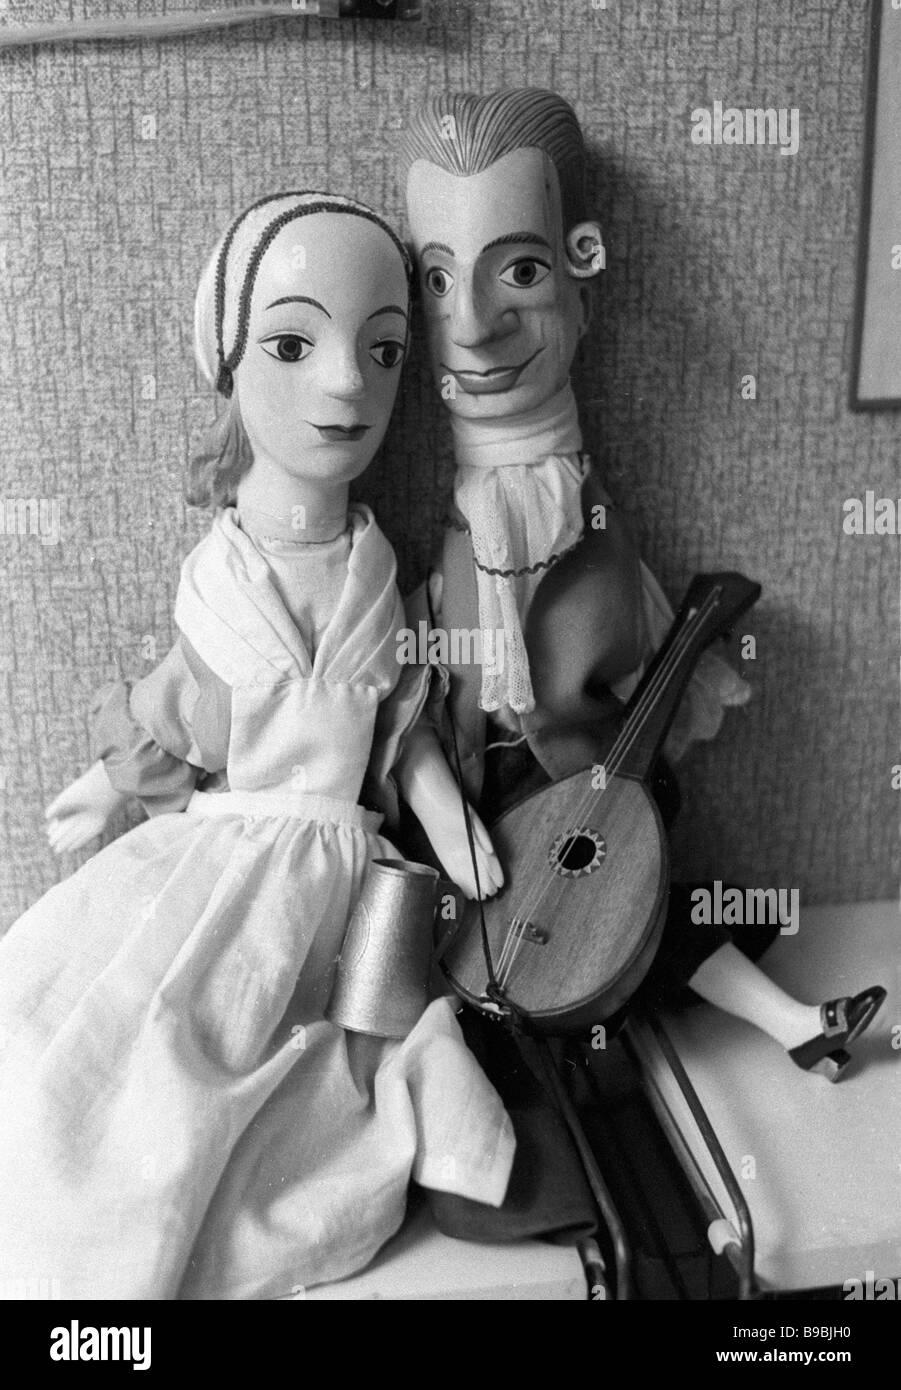 Dolls Modern Art Bellman